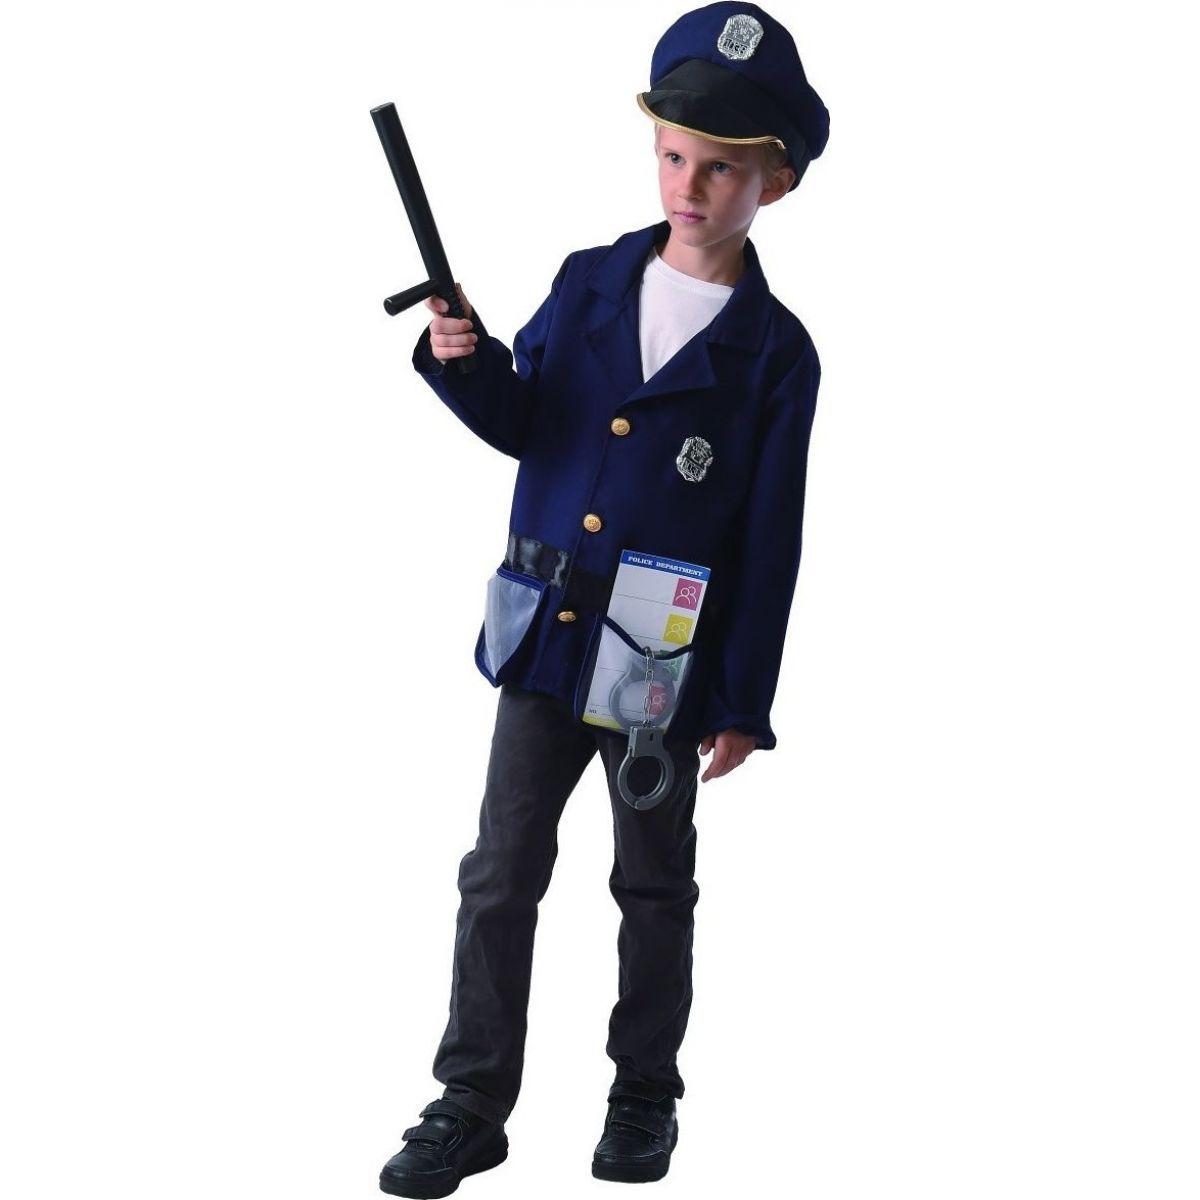 Made Dětský karnevalový kostým Policista 120 - 130 cm